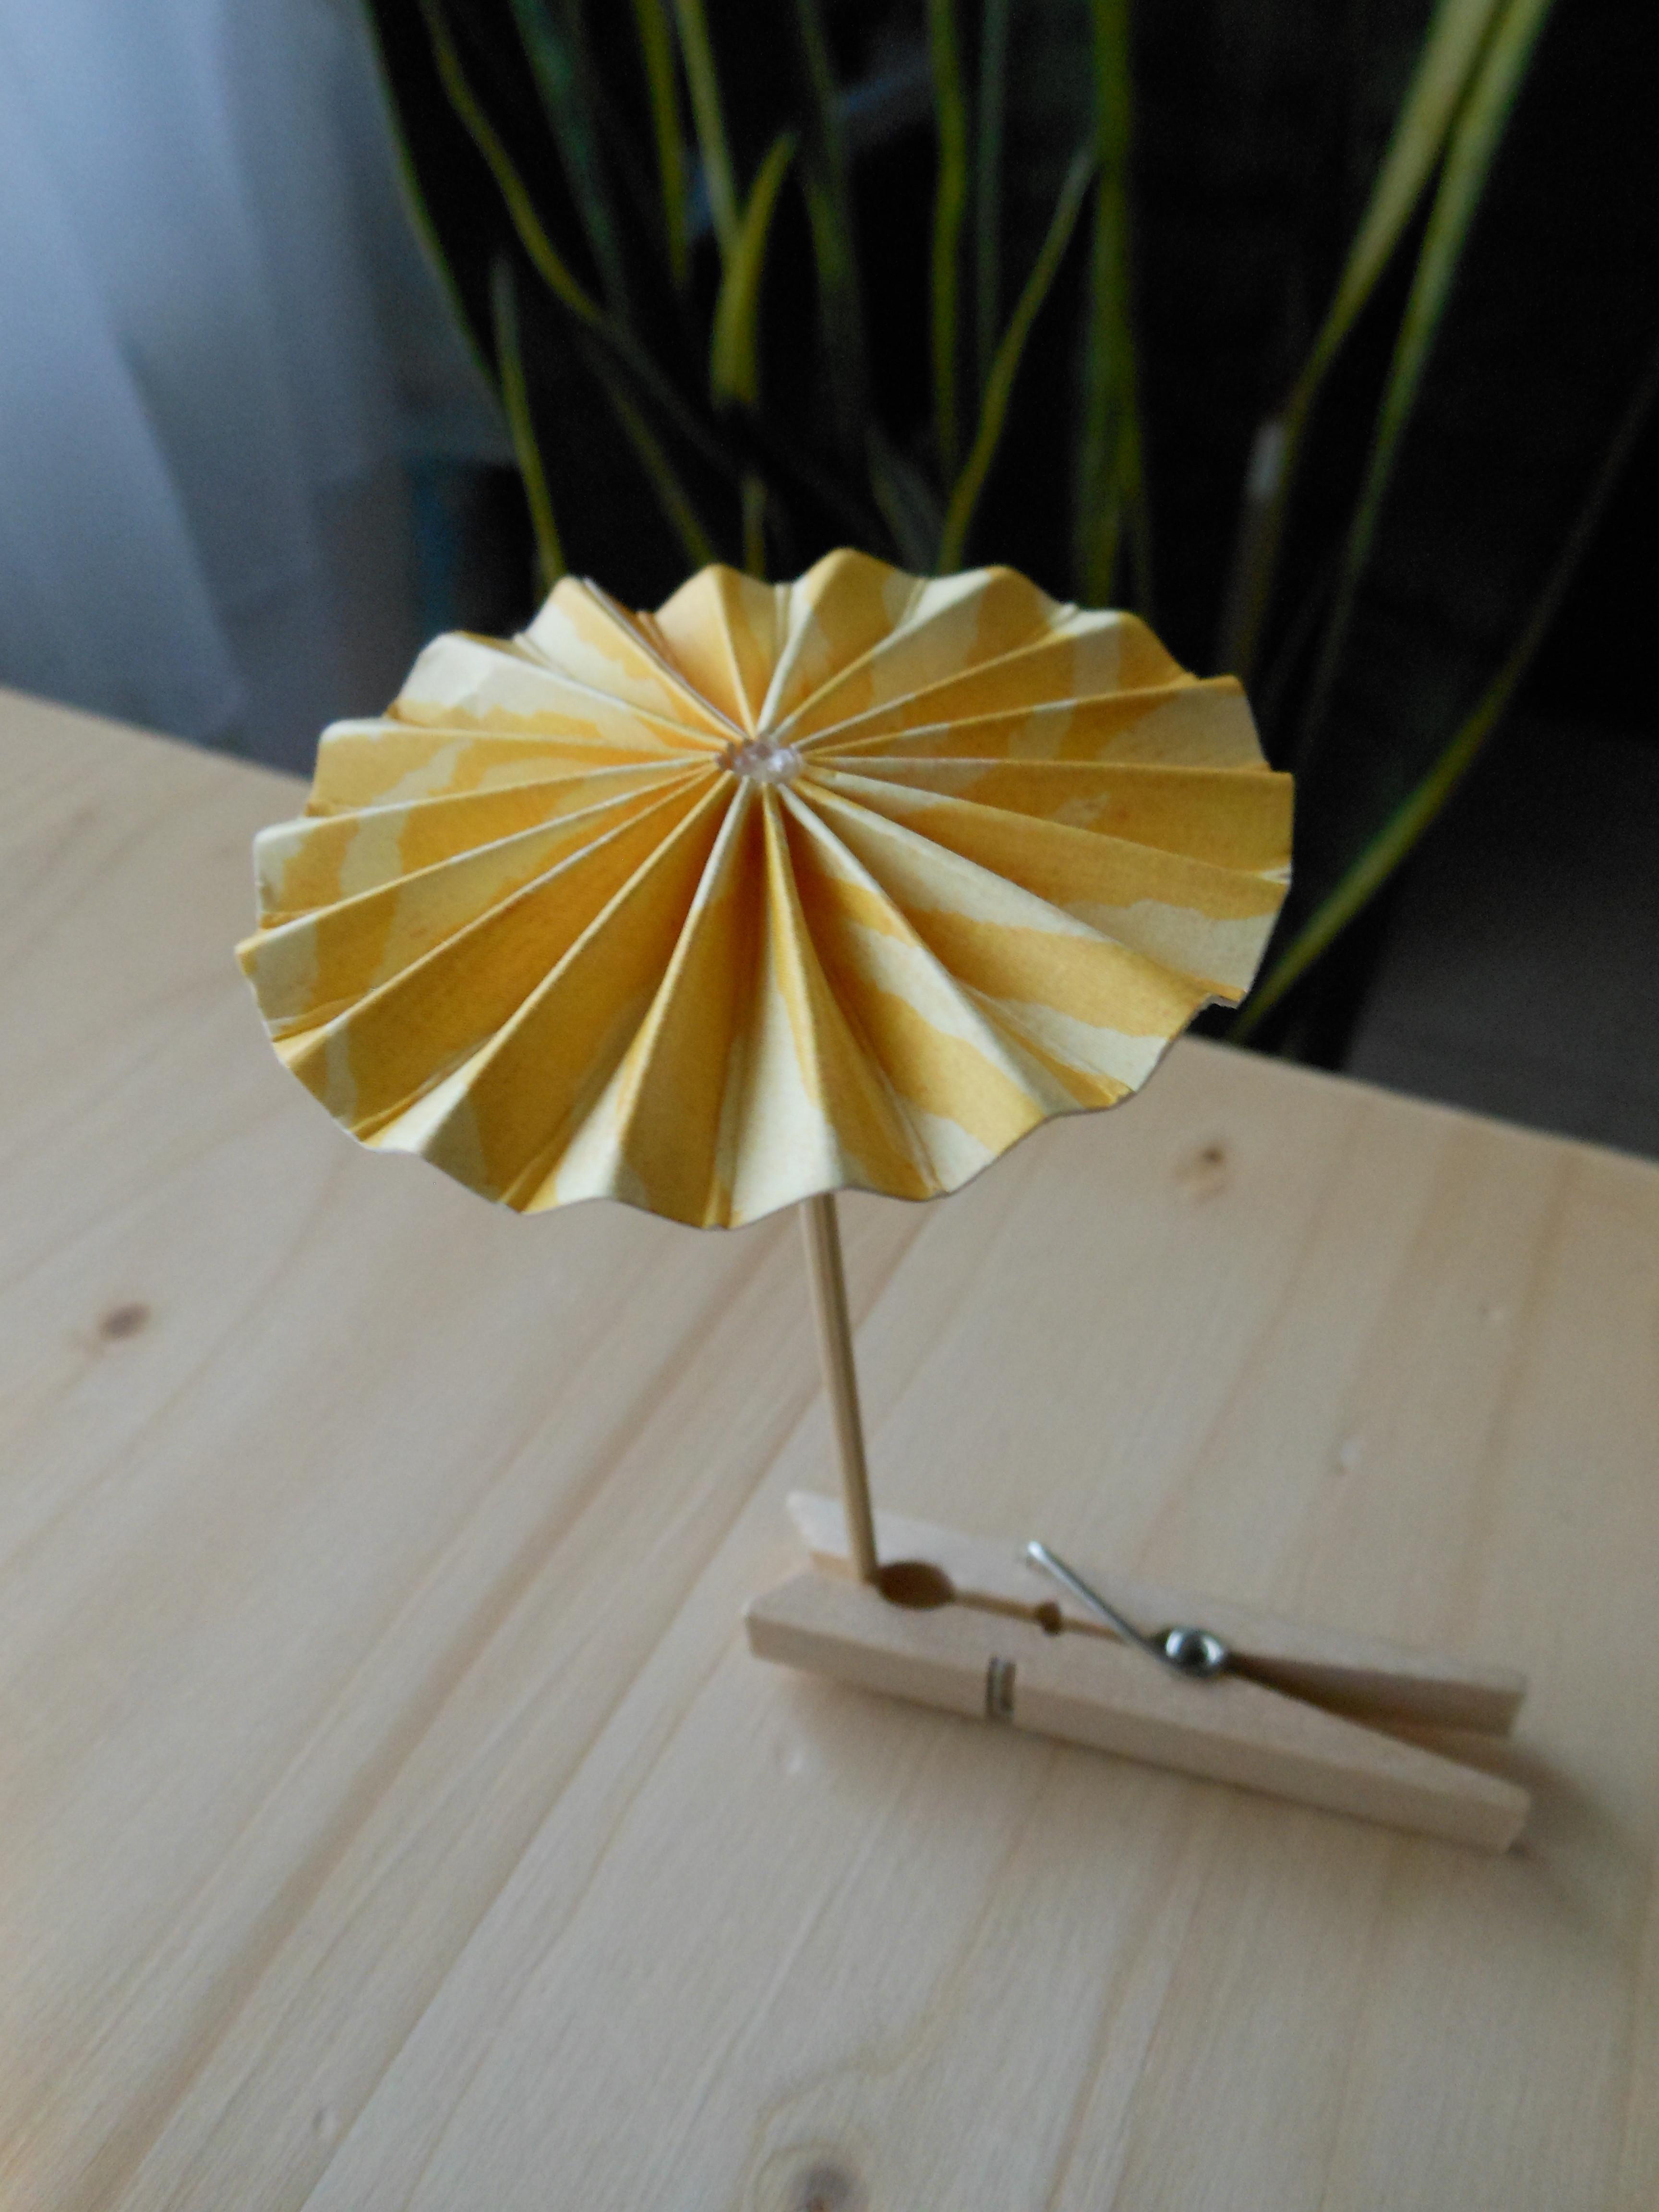 Sonnenschirm Aus Geld Rr12 Startupjobsfa